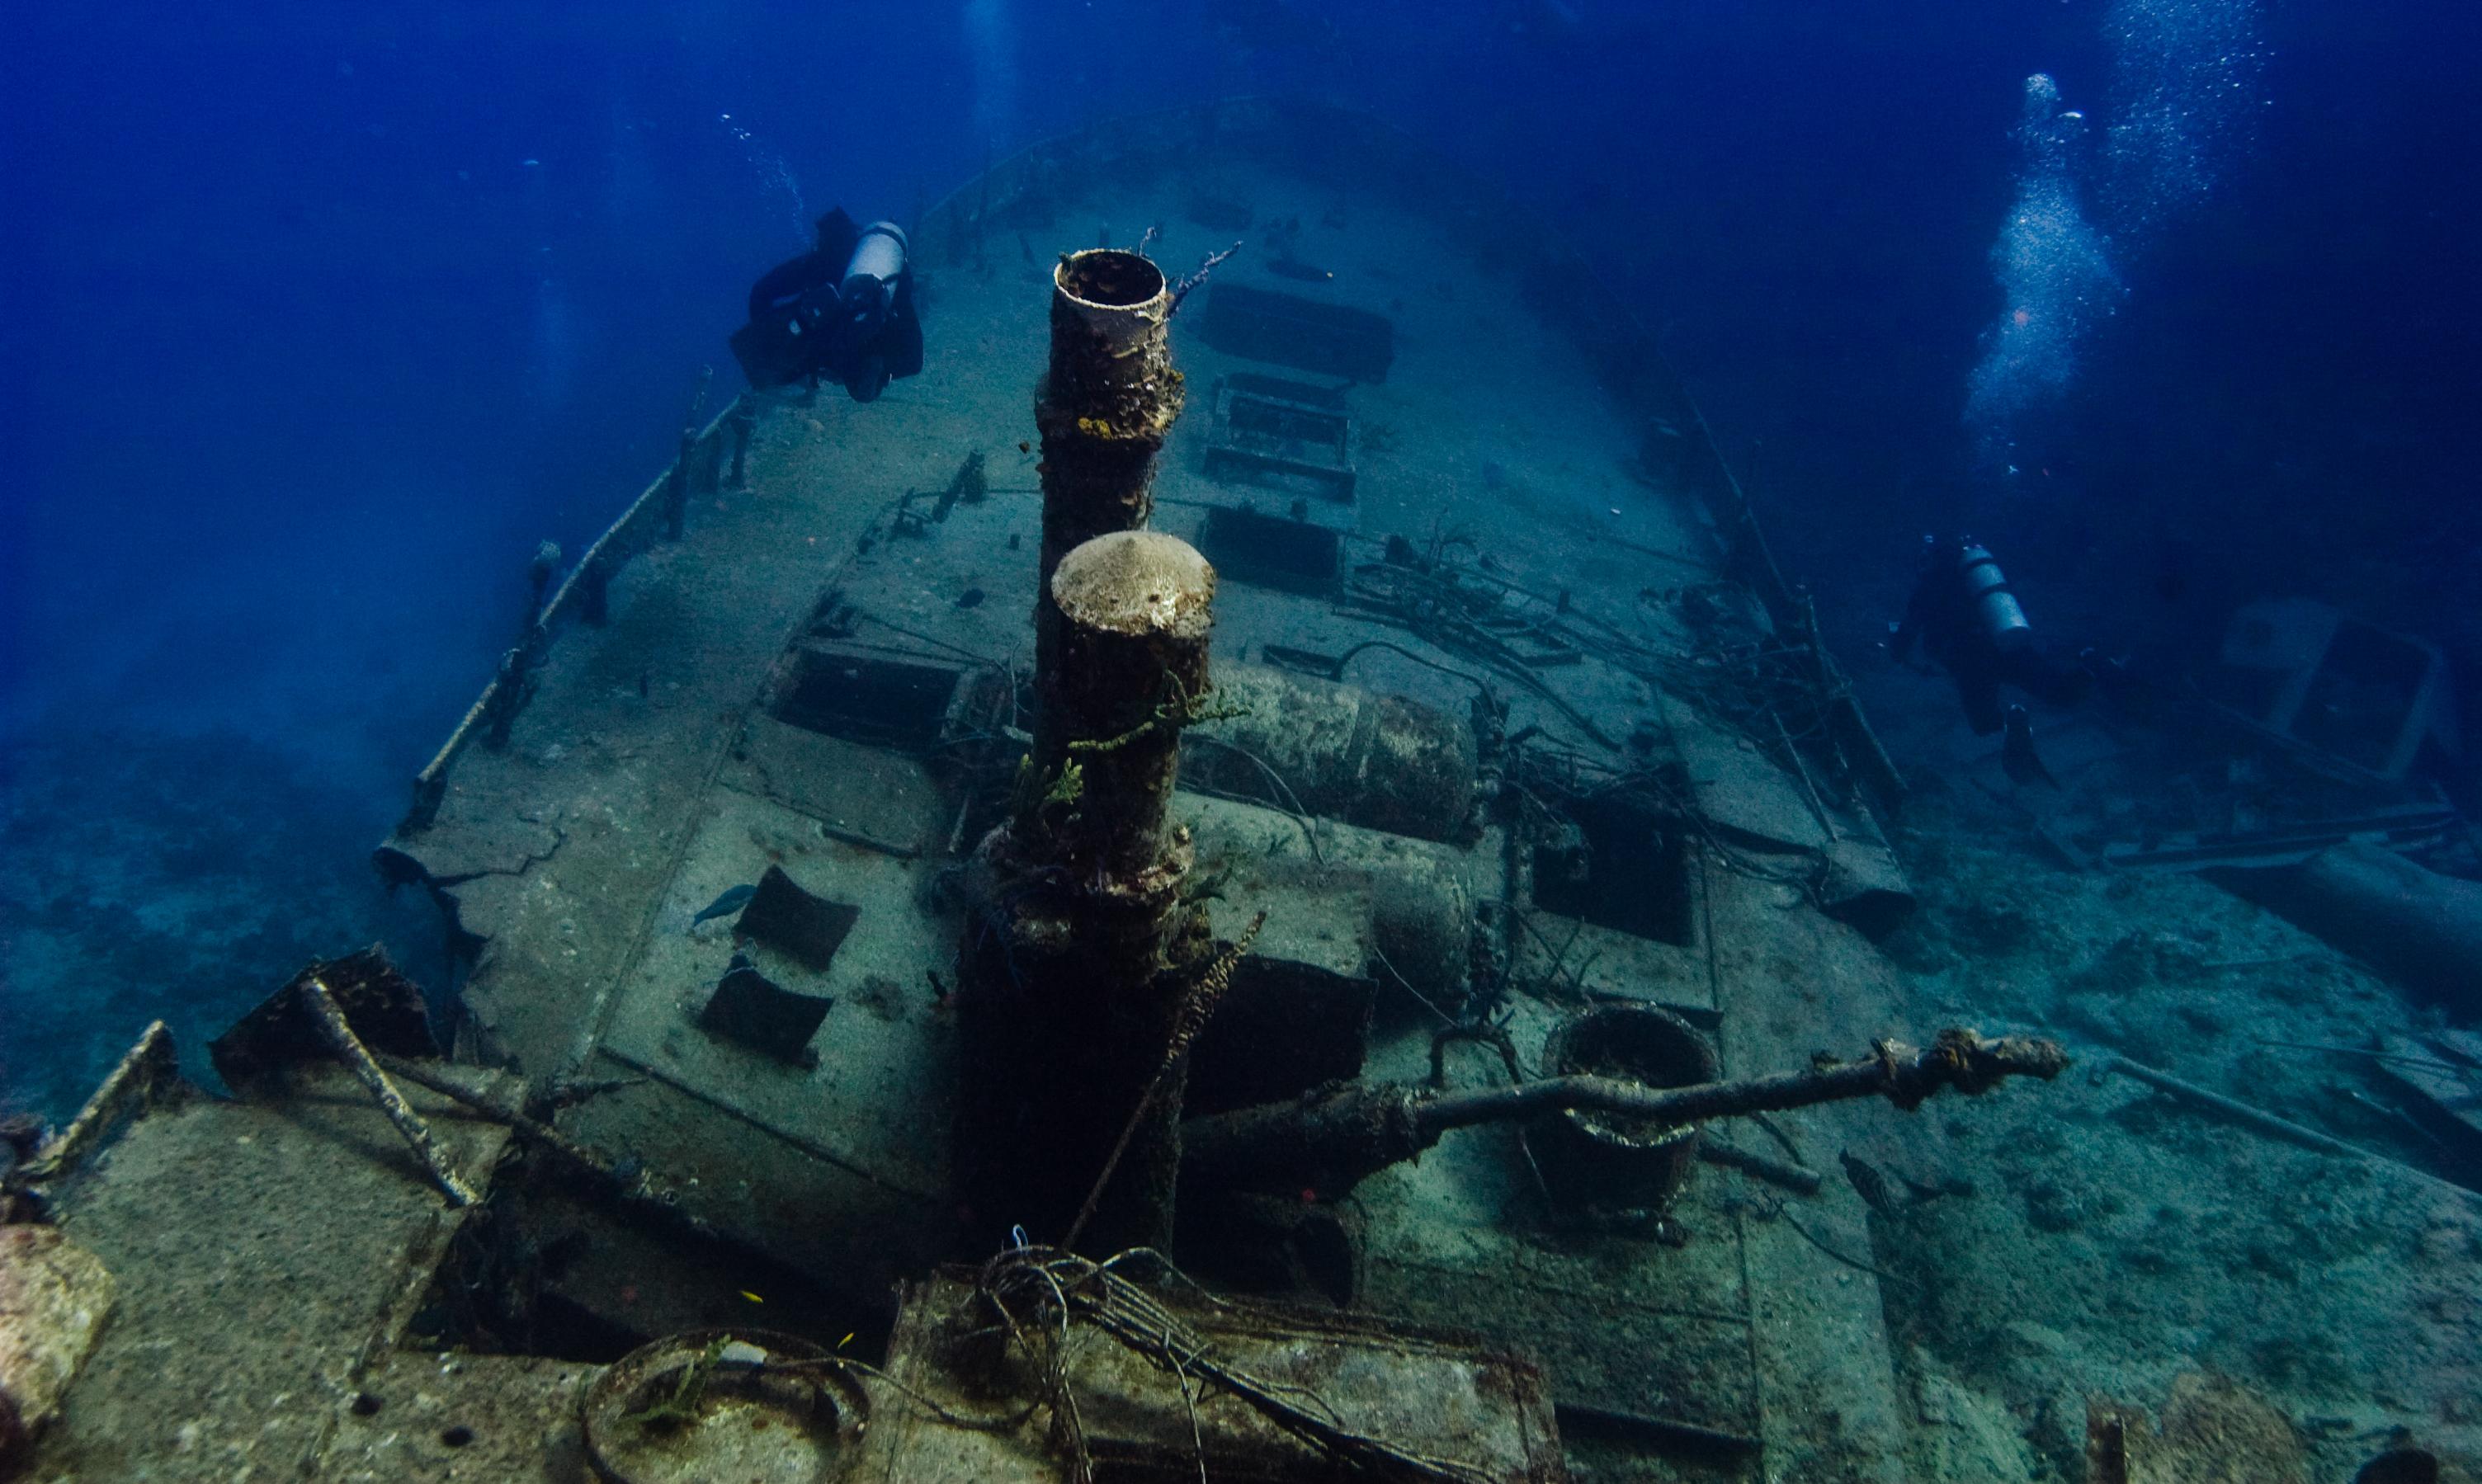 Shipwreck - Austin Smith